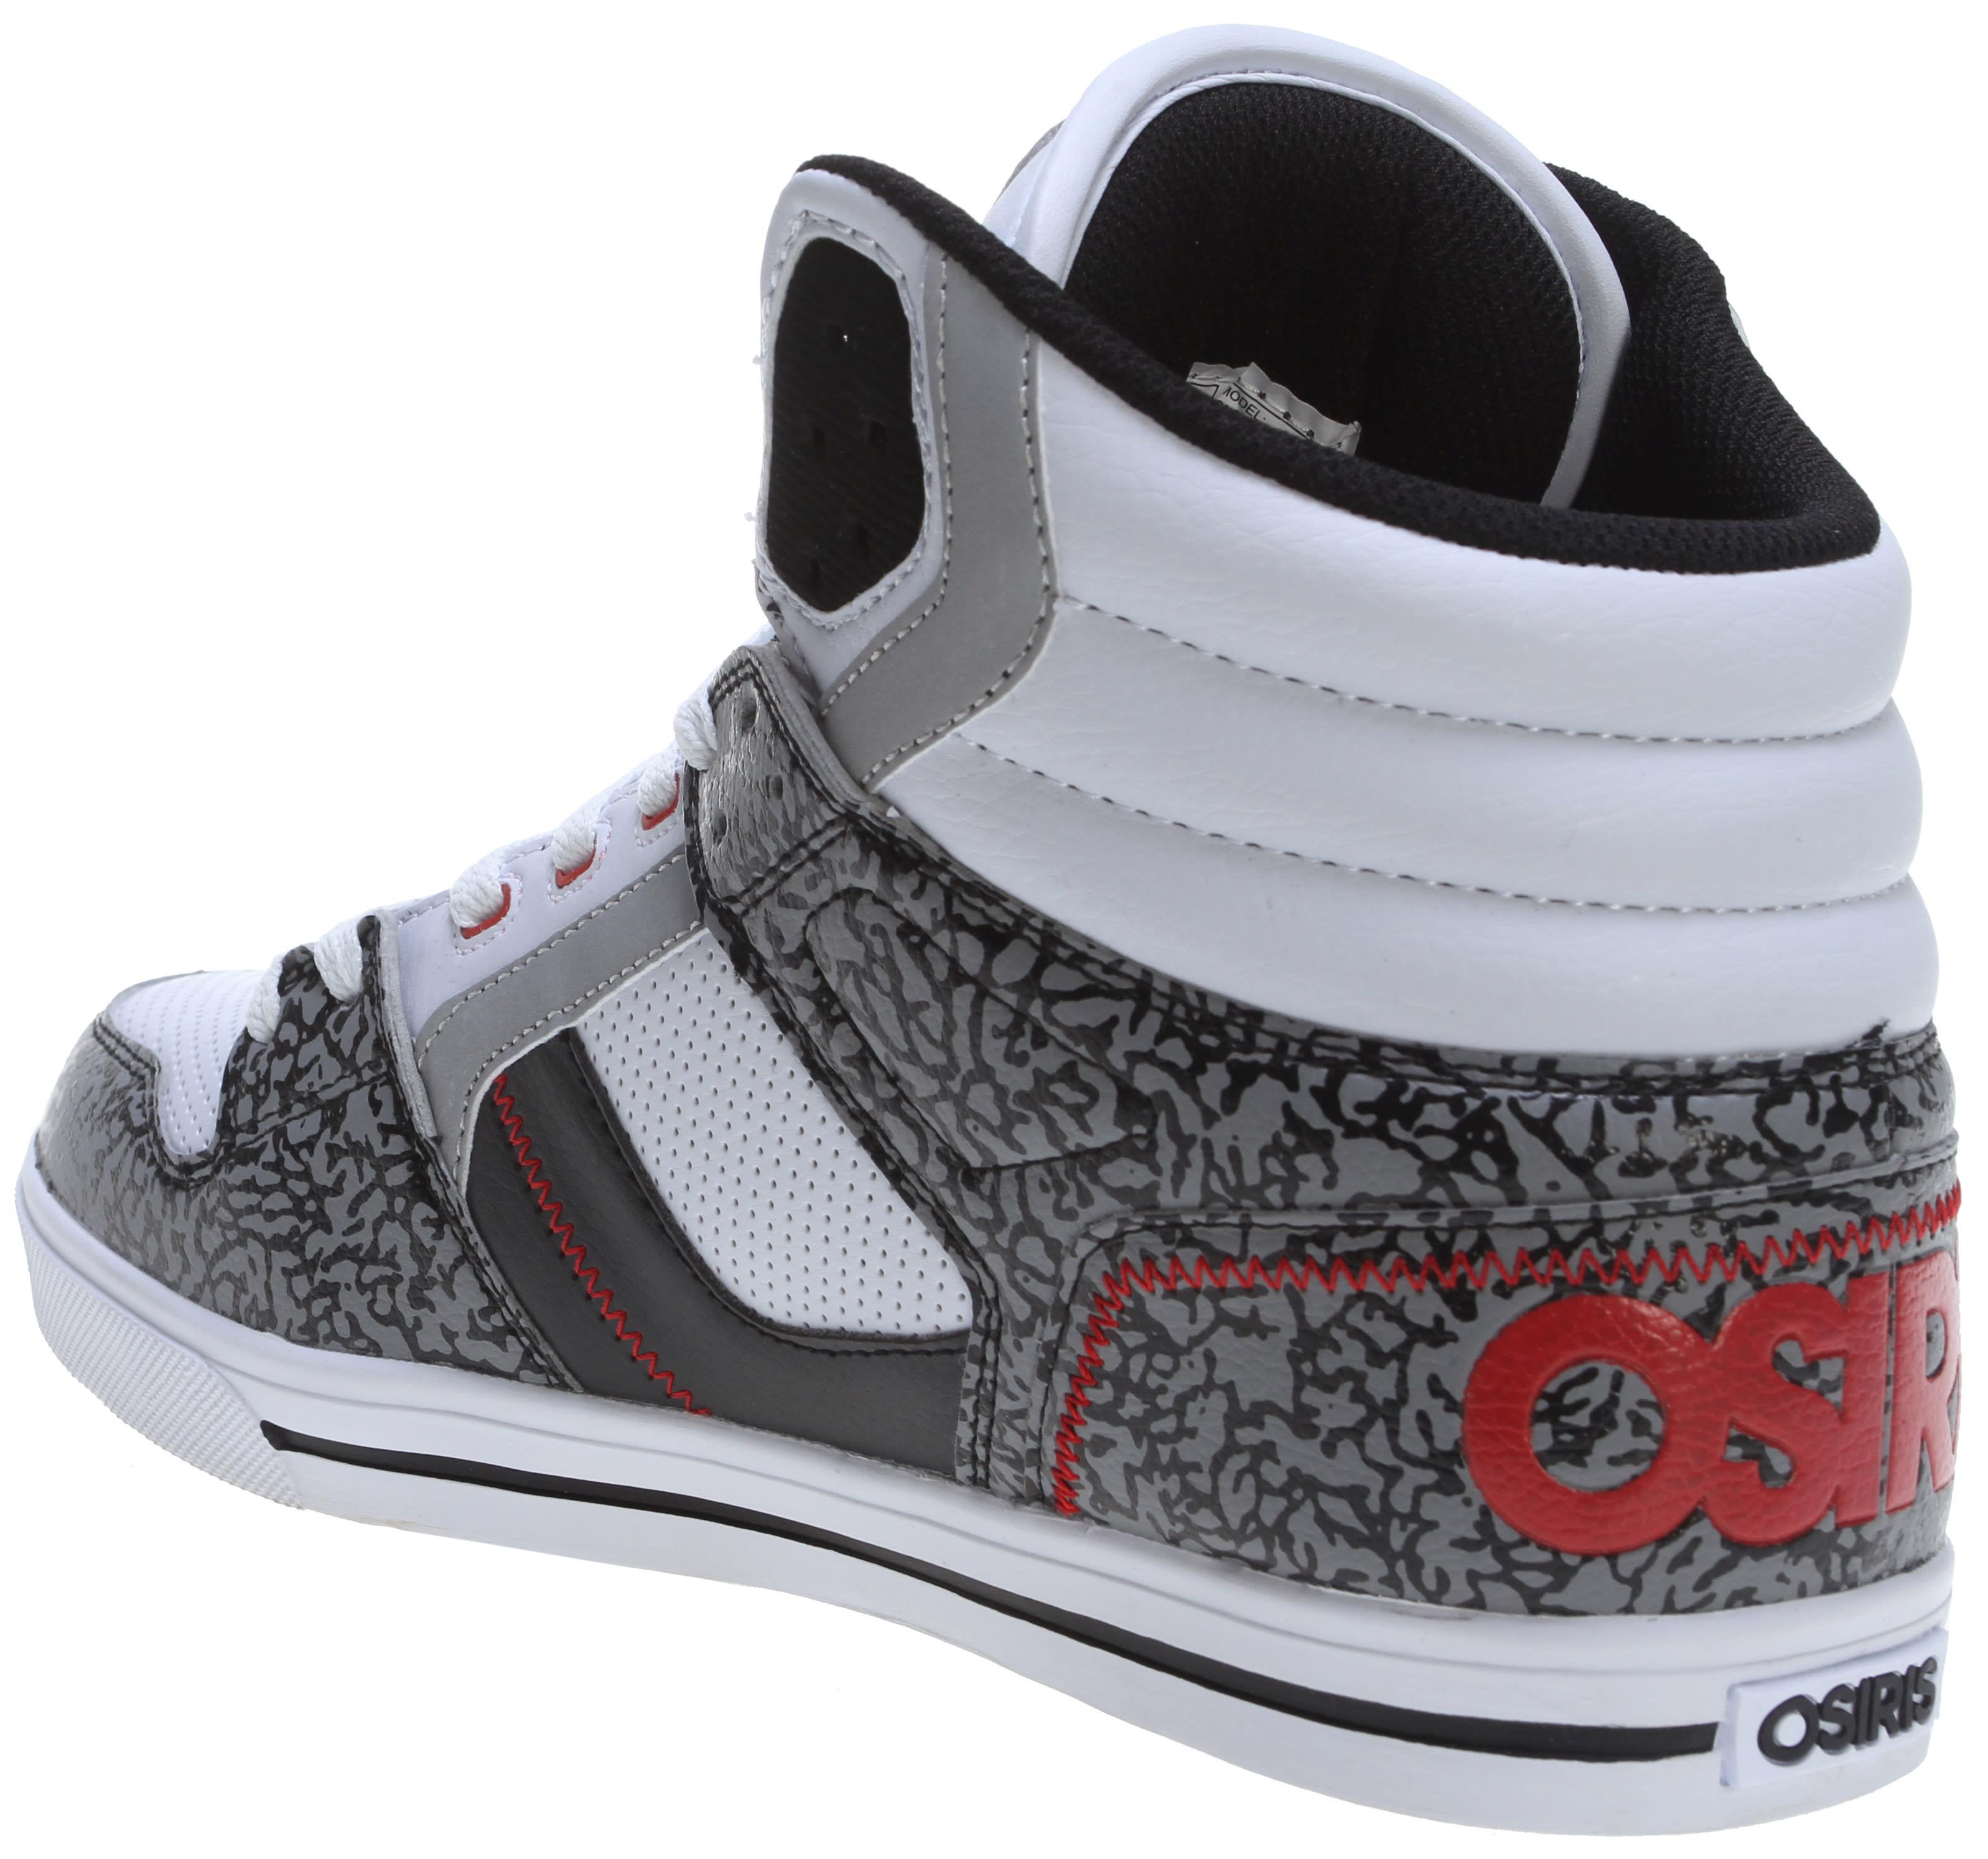 Osiris Shoes Sizing